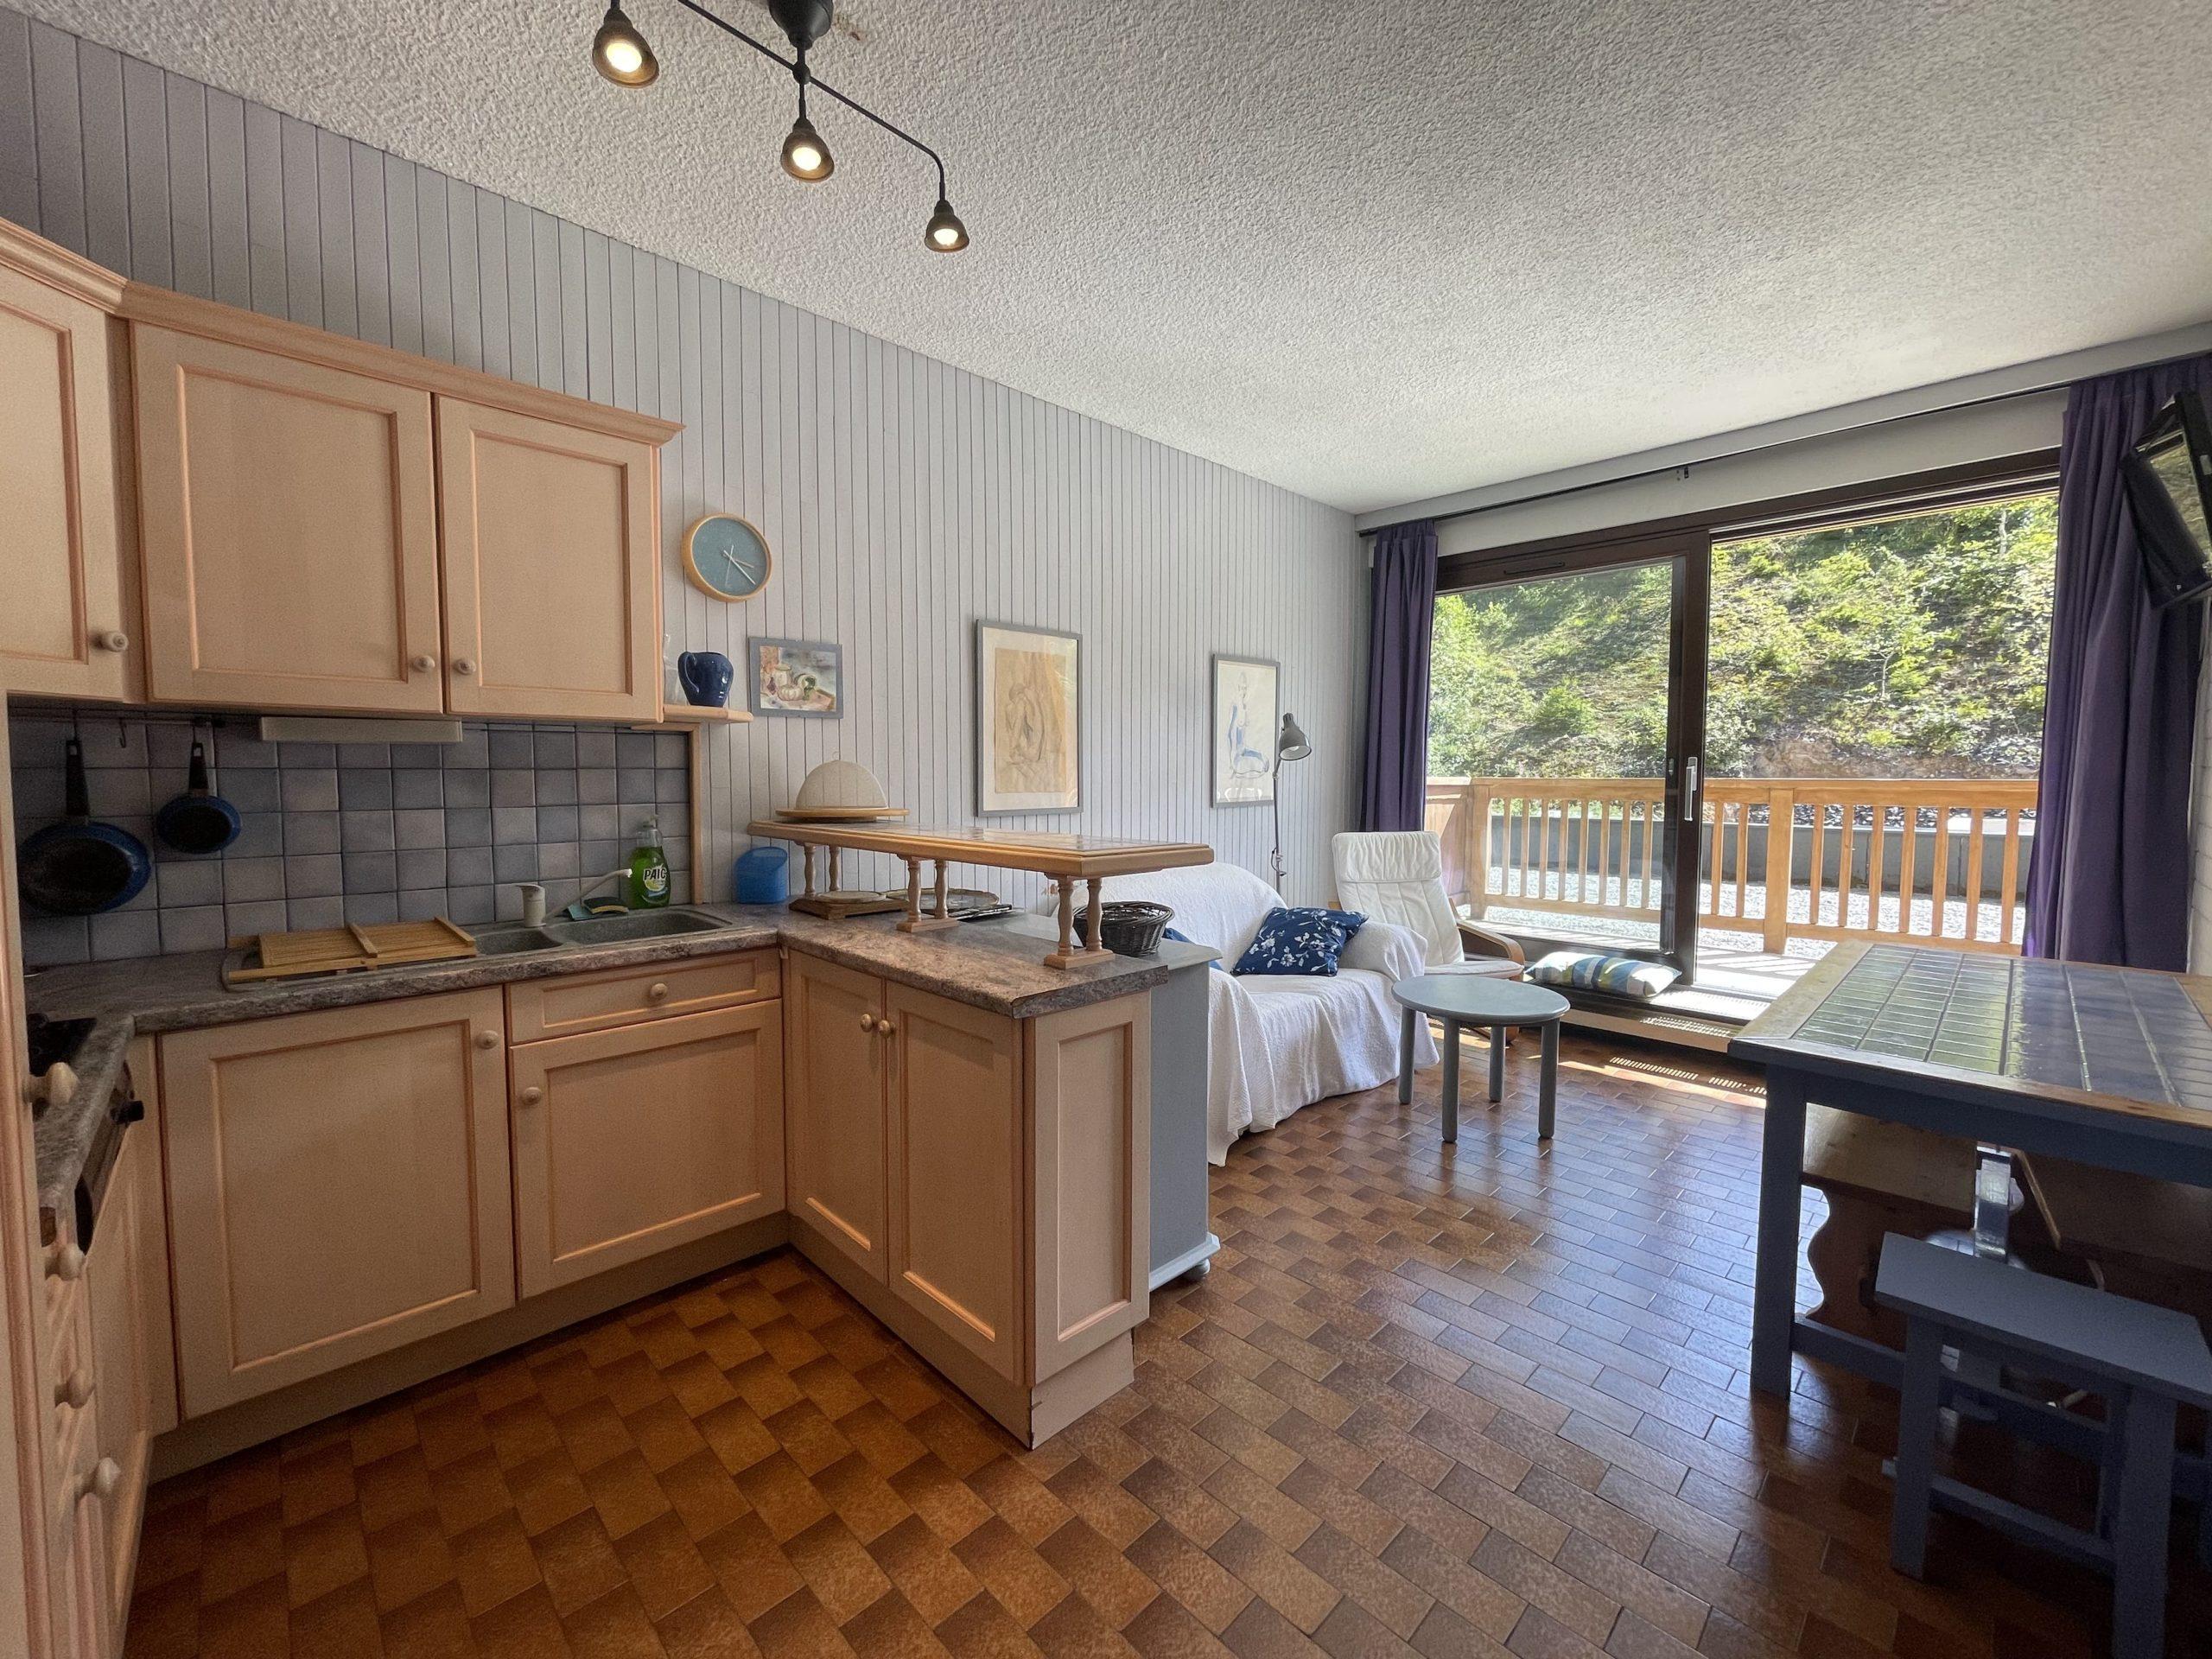 Appartement ski au pied 3 pièces 37 m²